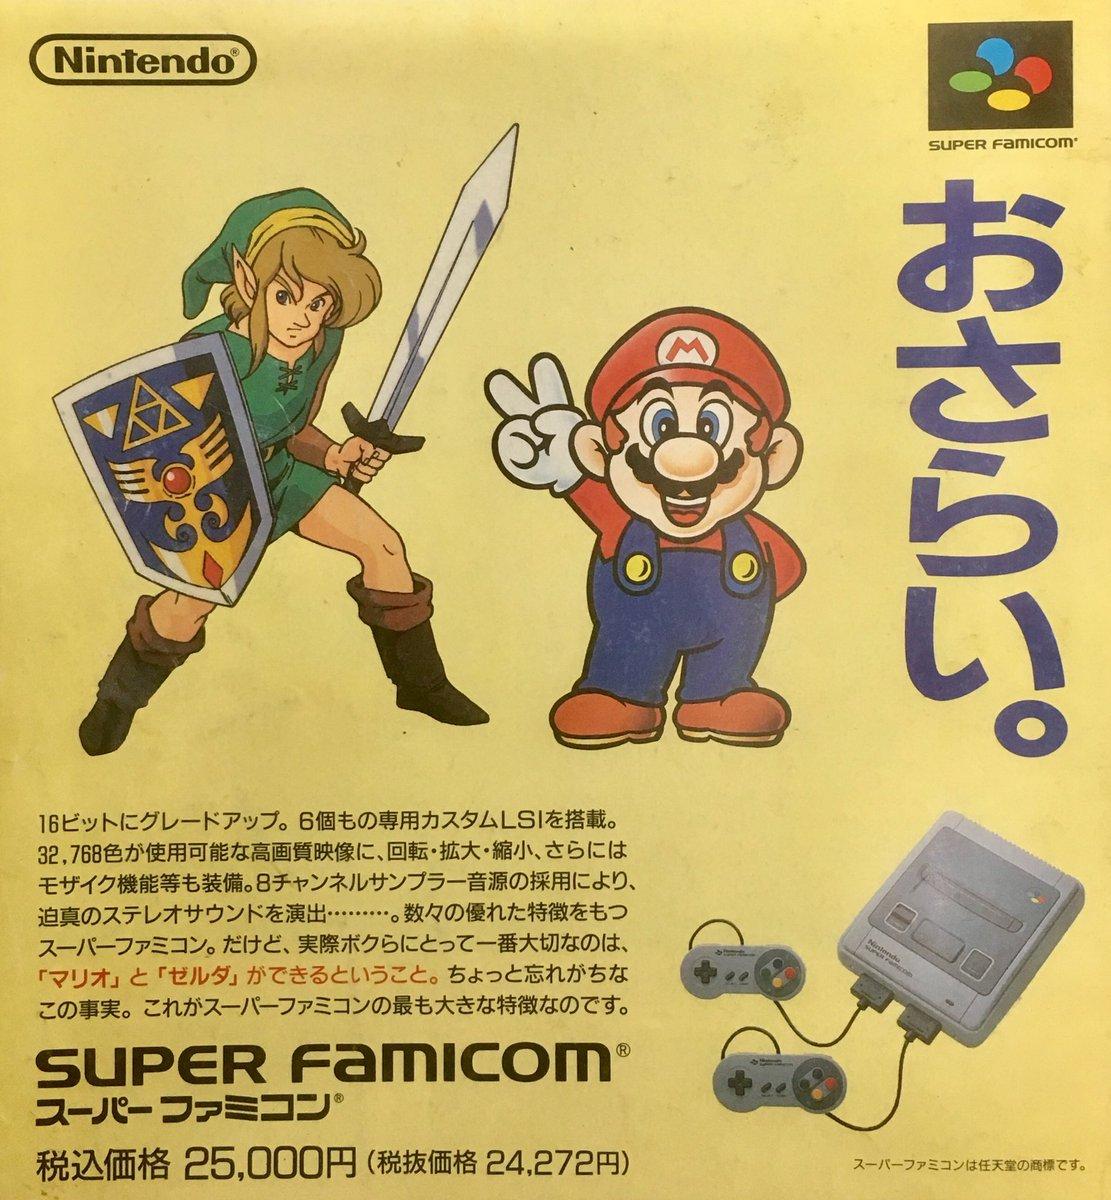 RT @game_tanteidan: 本日はスーパーファミコンのお誕生日です。おめでとうございます! https://t.co/MxLvOEkJQ5